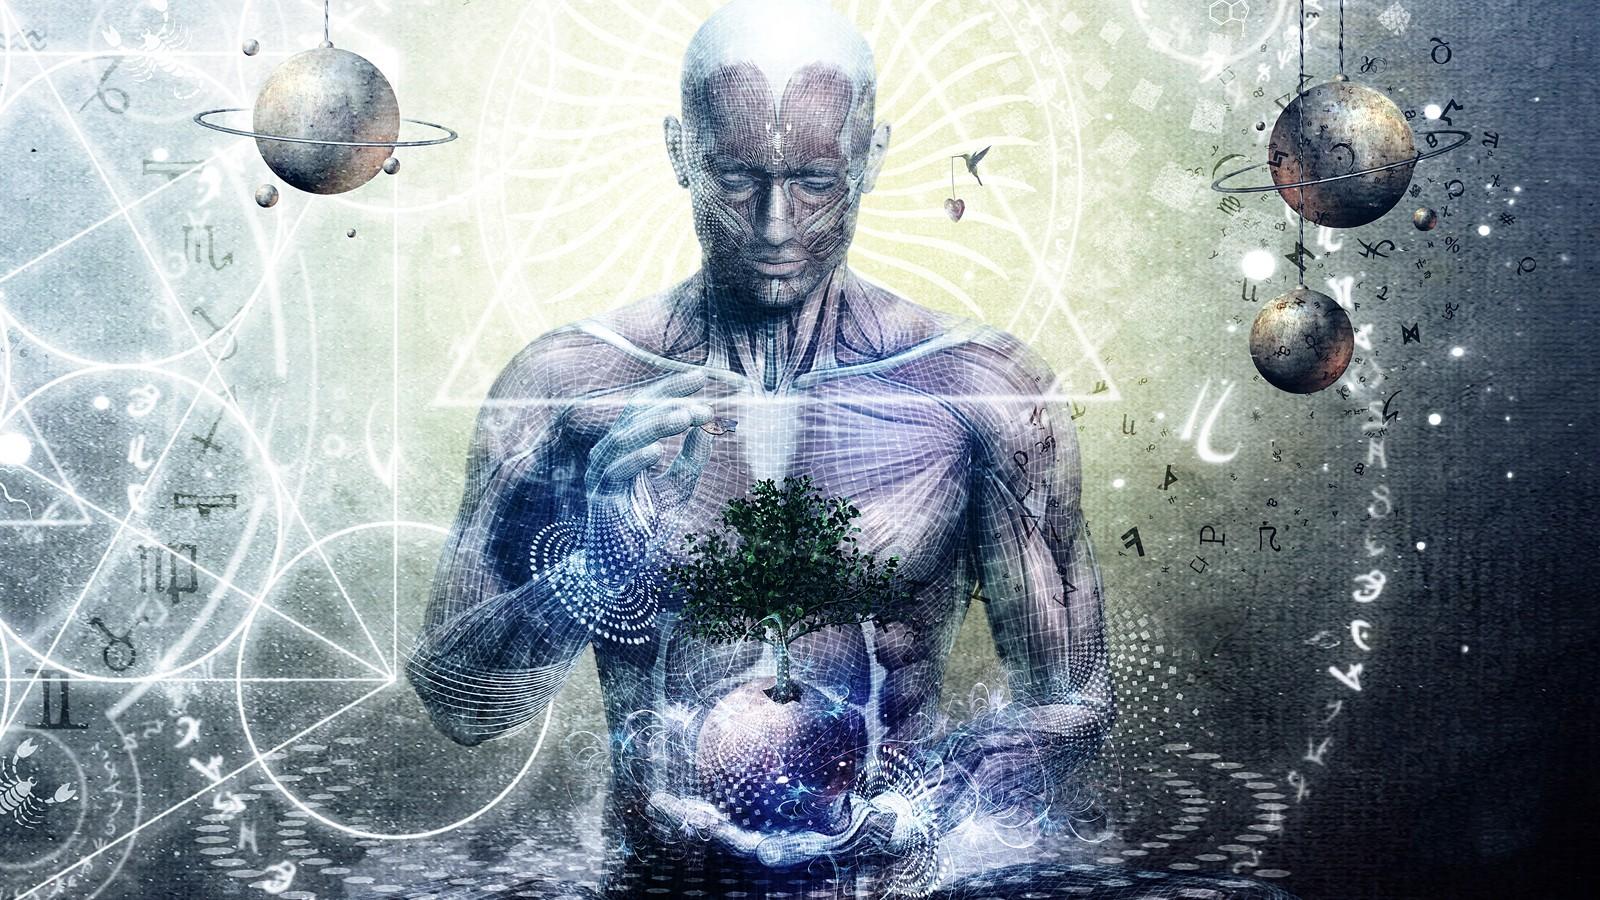 Wallpaper Illustration Meditation Spiritual Cameron Gray Art